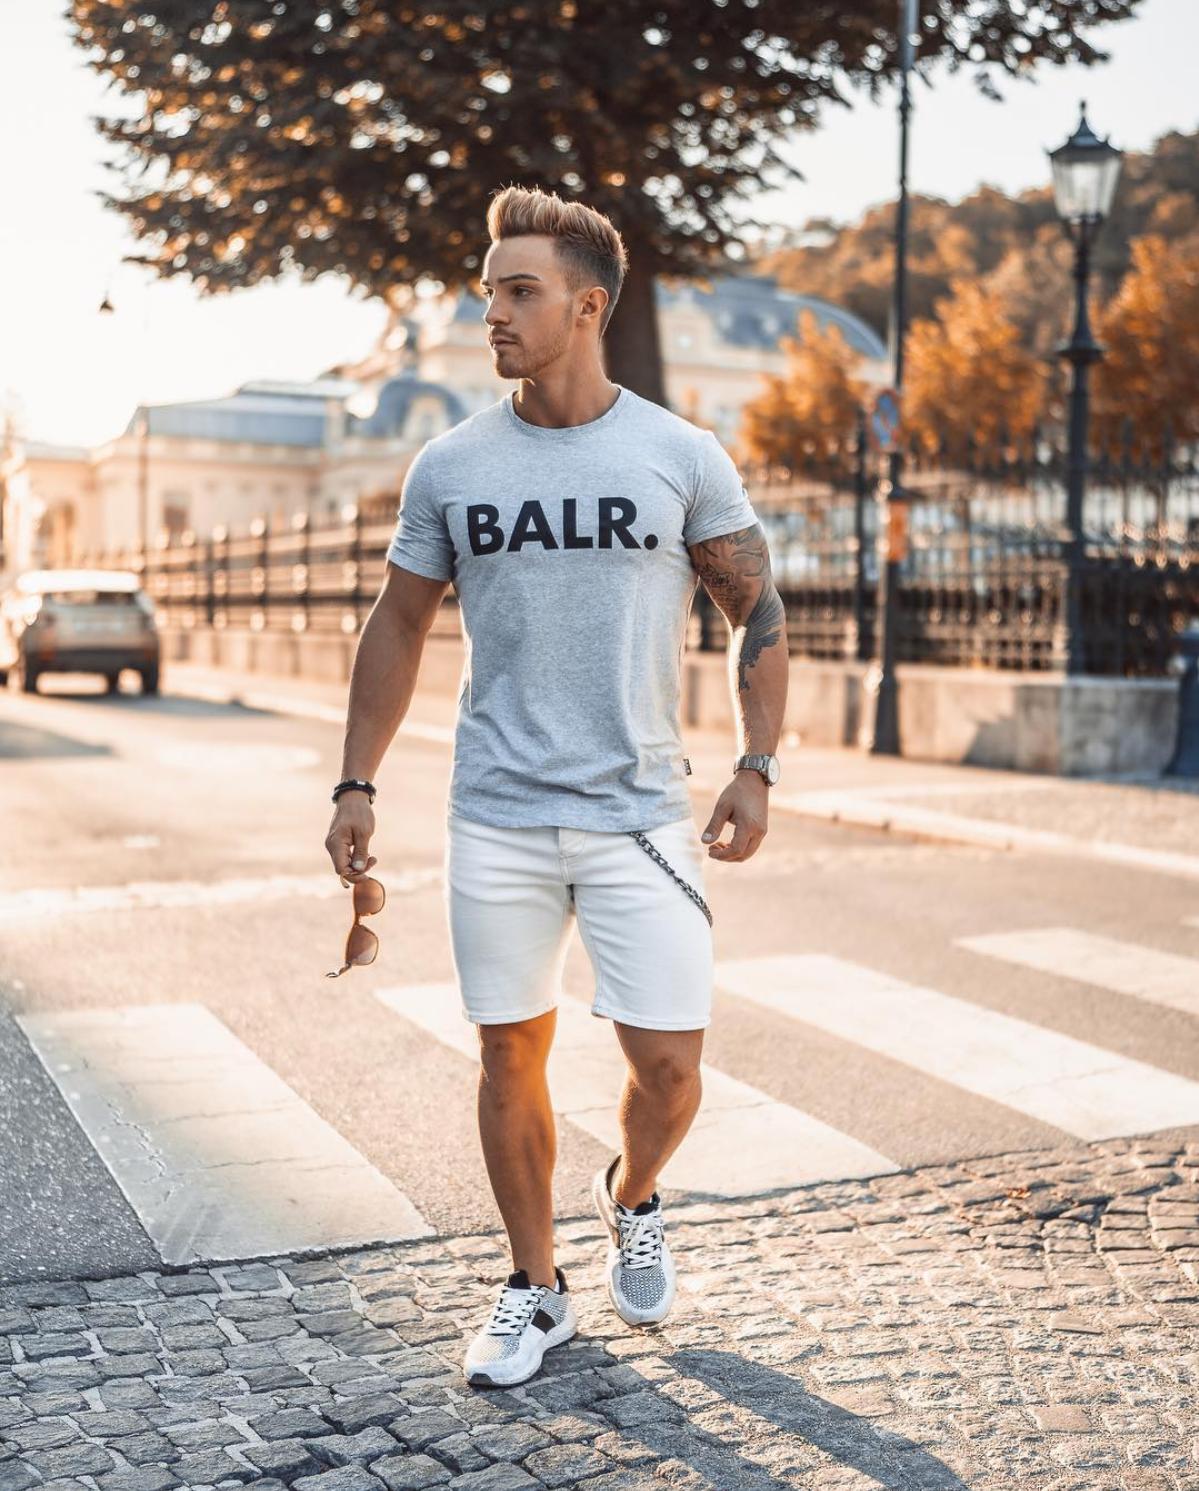 3d8aa45a0 Look streetwear com bermuda curta, ótima para ser usada agora no verão  2019. Vejam mais dicas de bermuda curta no blog Marco da Moda - Foto:  Avramovic Zoran